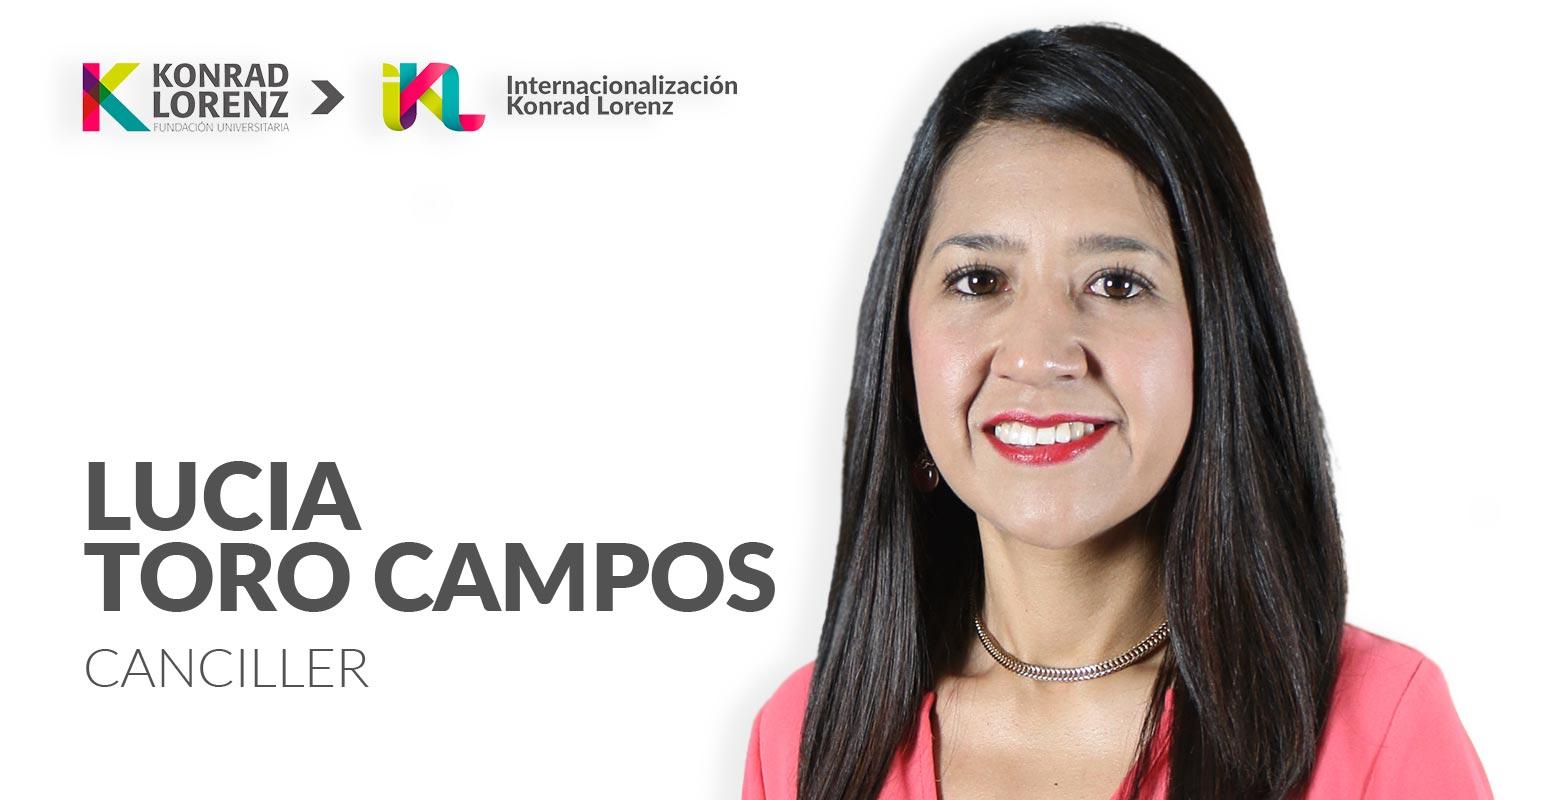 Lucia Toro Campos